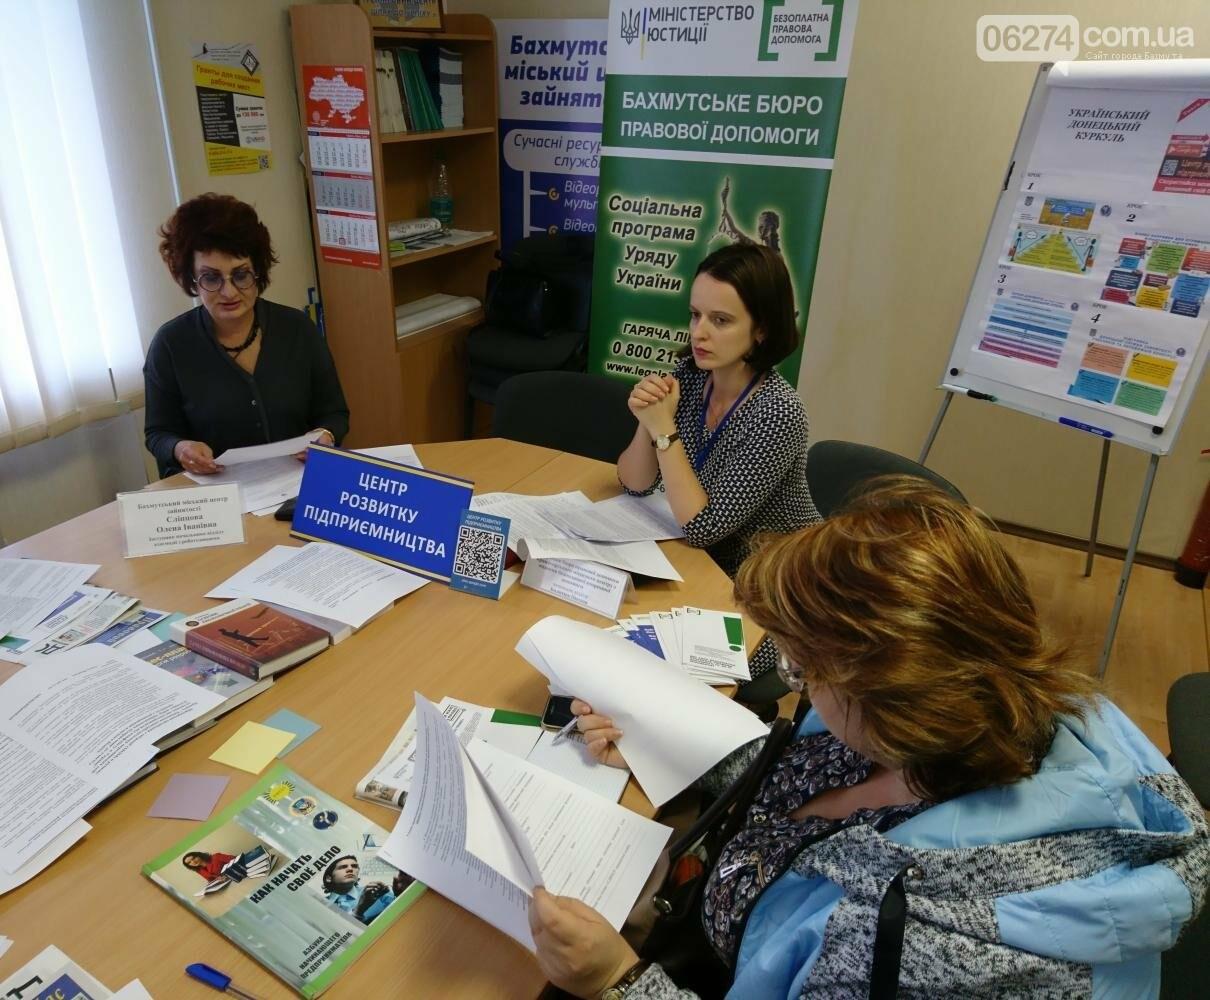 Предприниматели Бахмута приняли участие в правовом тренинге по бизнес-планированию, фото-1